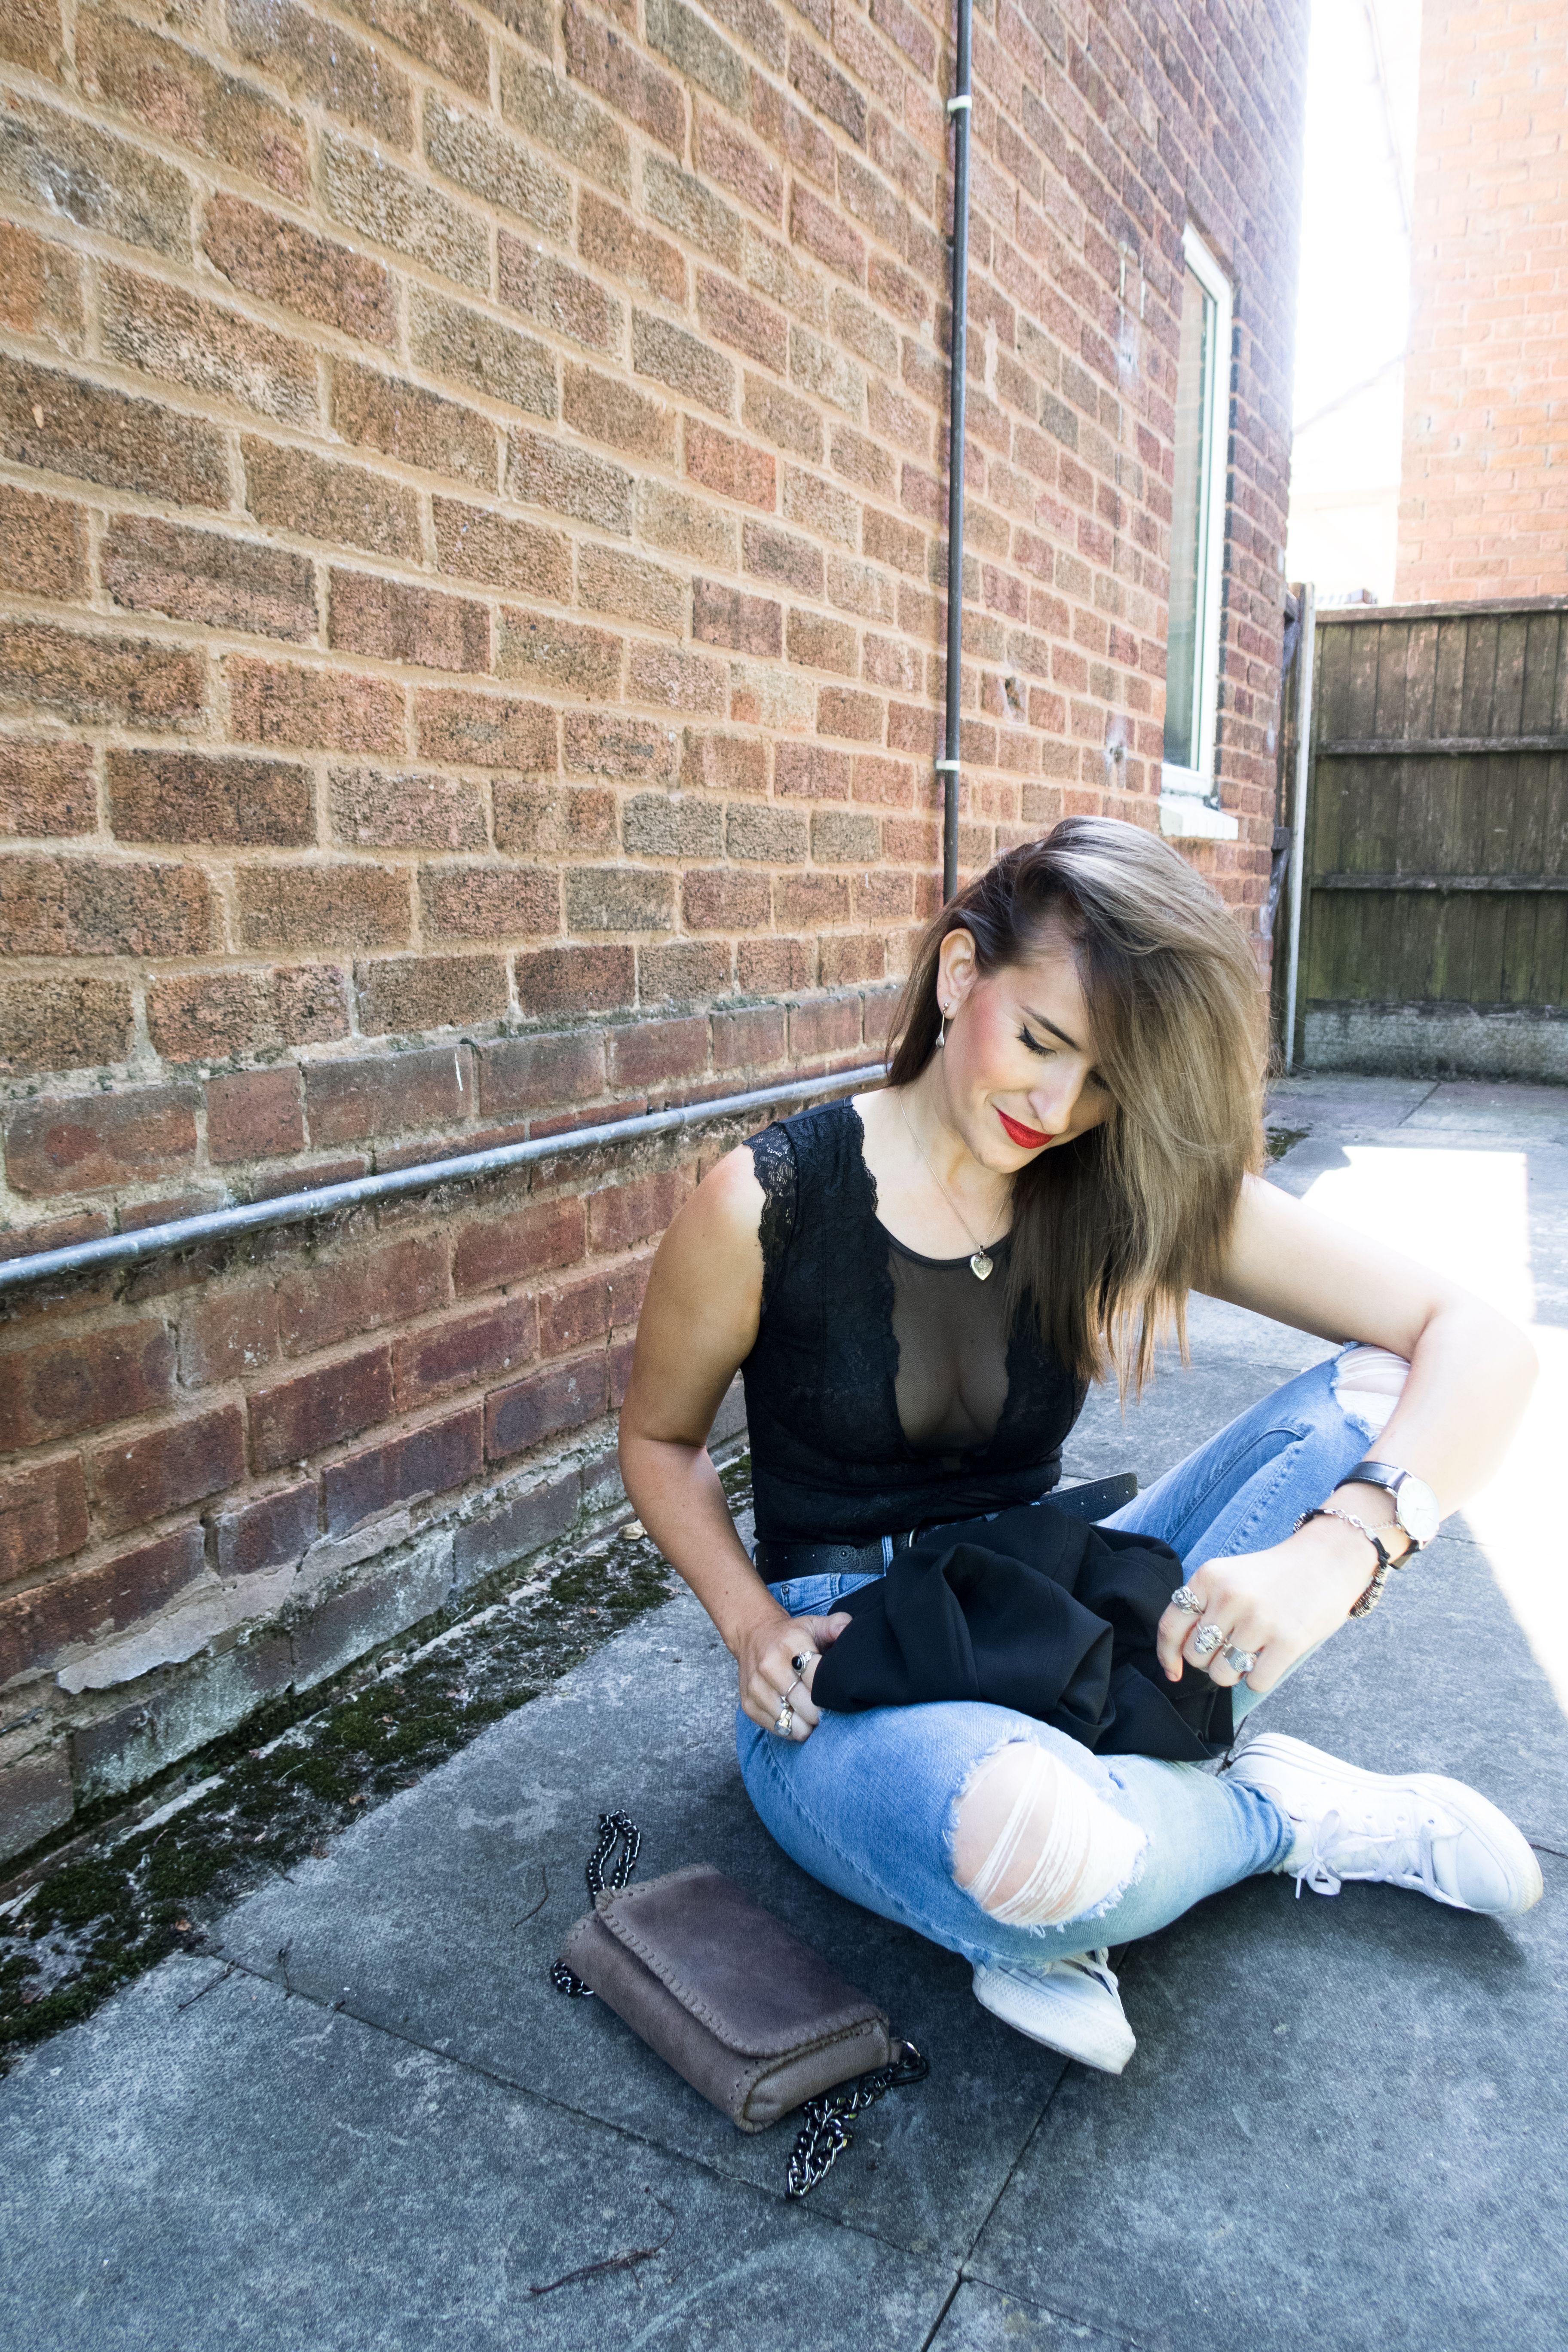 Lace bodysuit and jeans   ways to wear a lace bodysuit in public  Black lace bodysuit